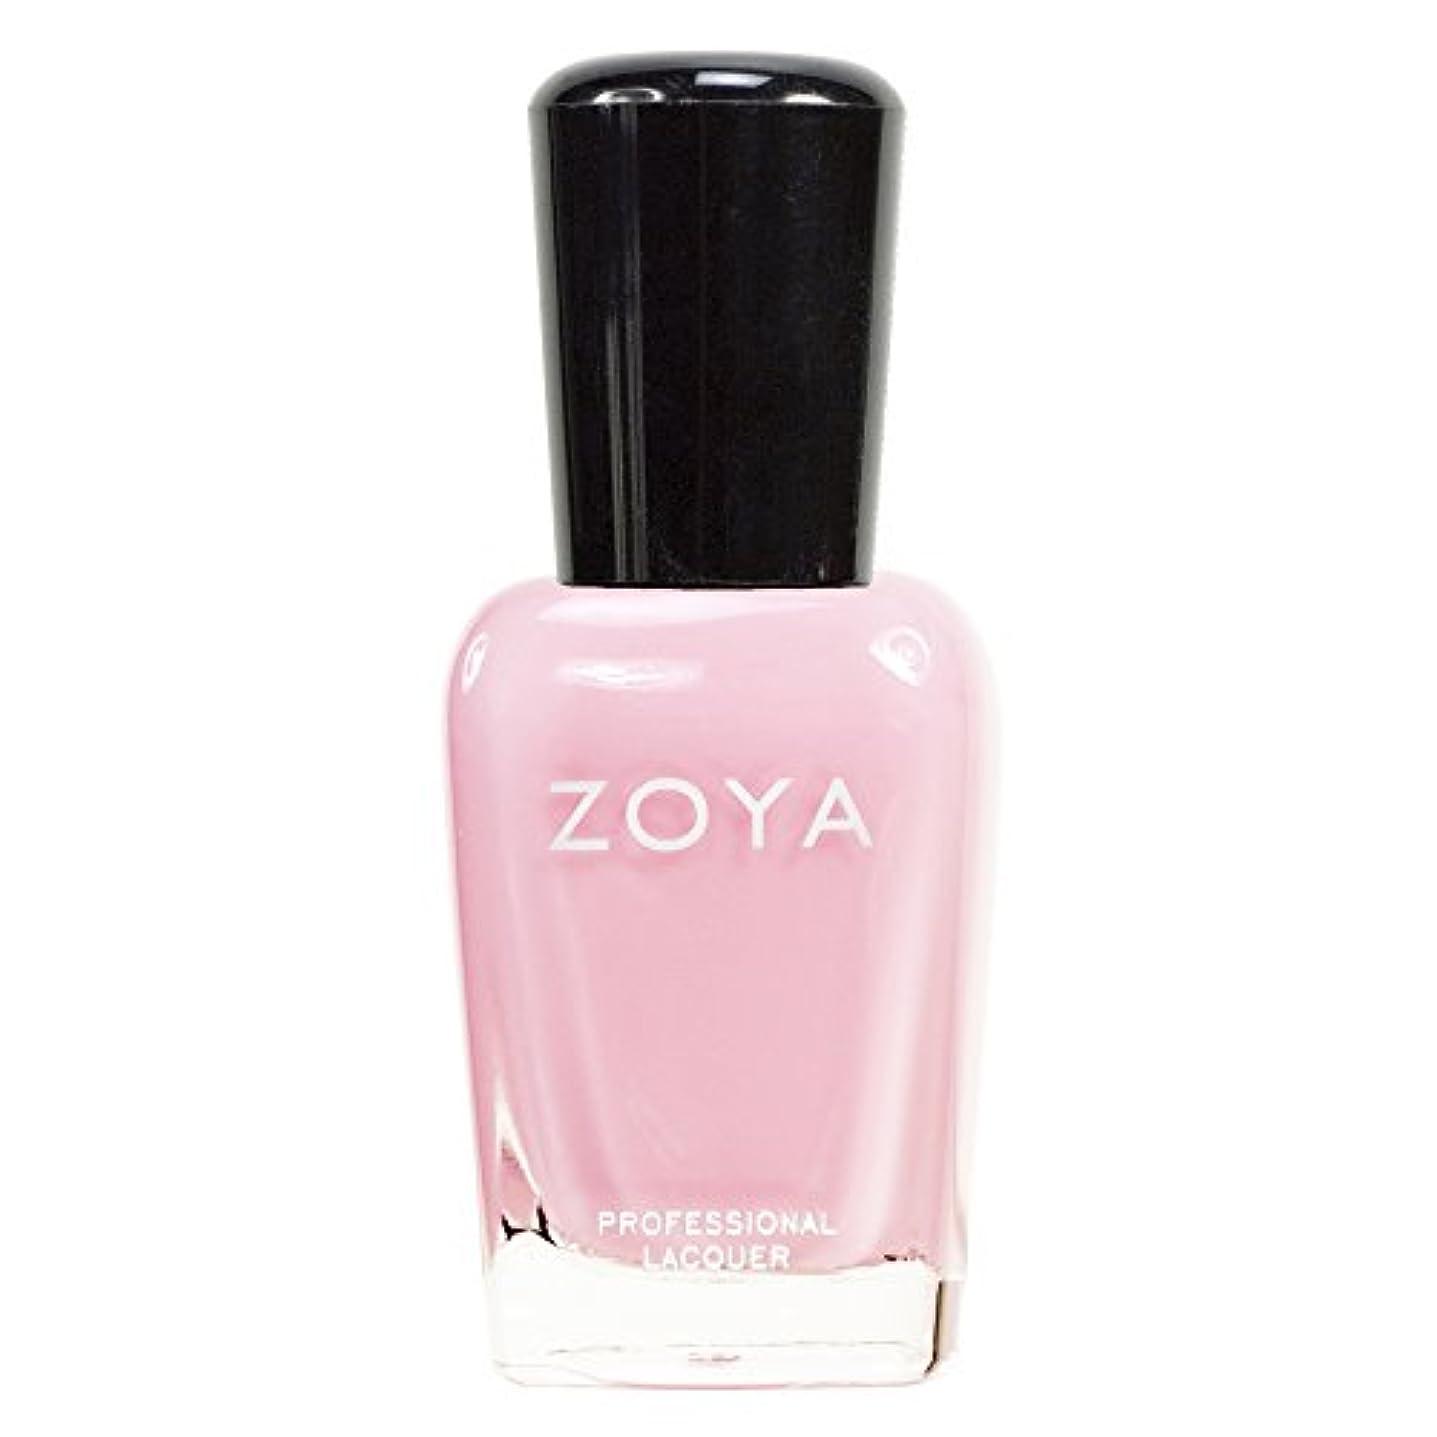 謝るバリケード聴くZOYA ゾーヤ ネイルカラーZP315 BELA ベラ 15ml 淡く優しいクリーミーなピンク マット 爪にやさしいネイルラッカーマニキュア